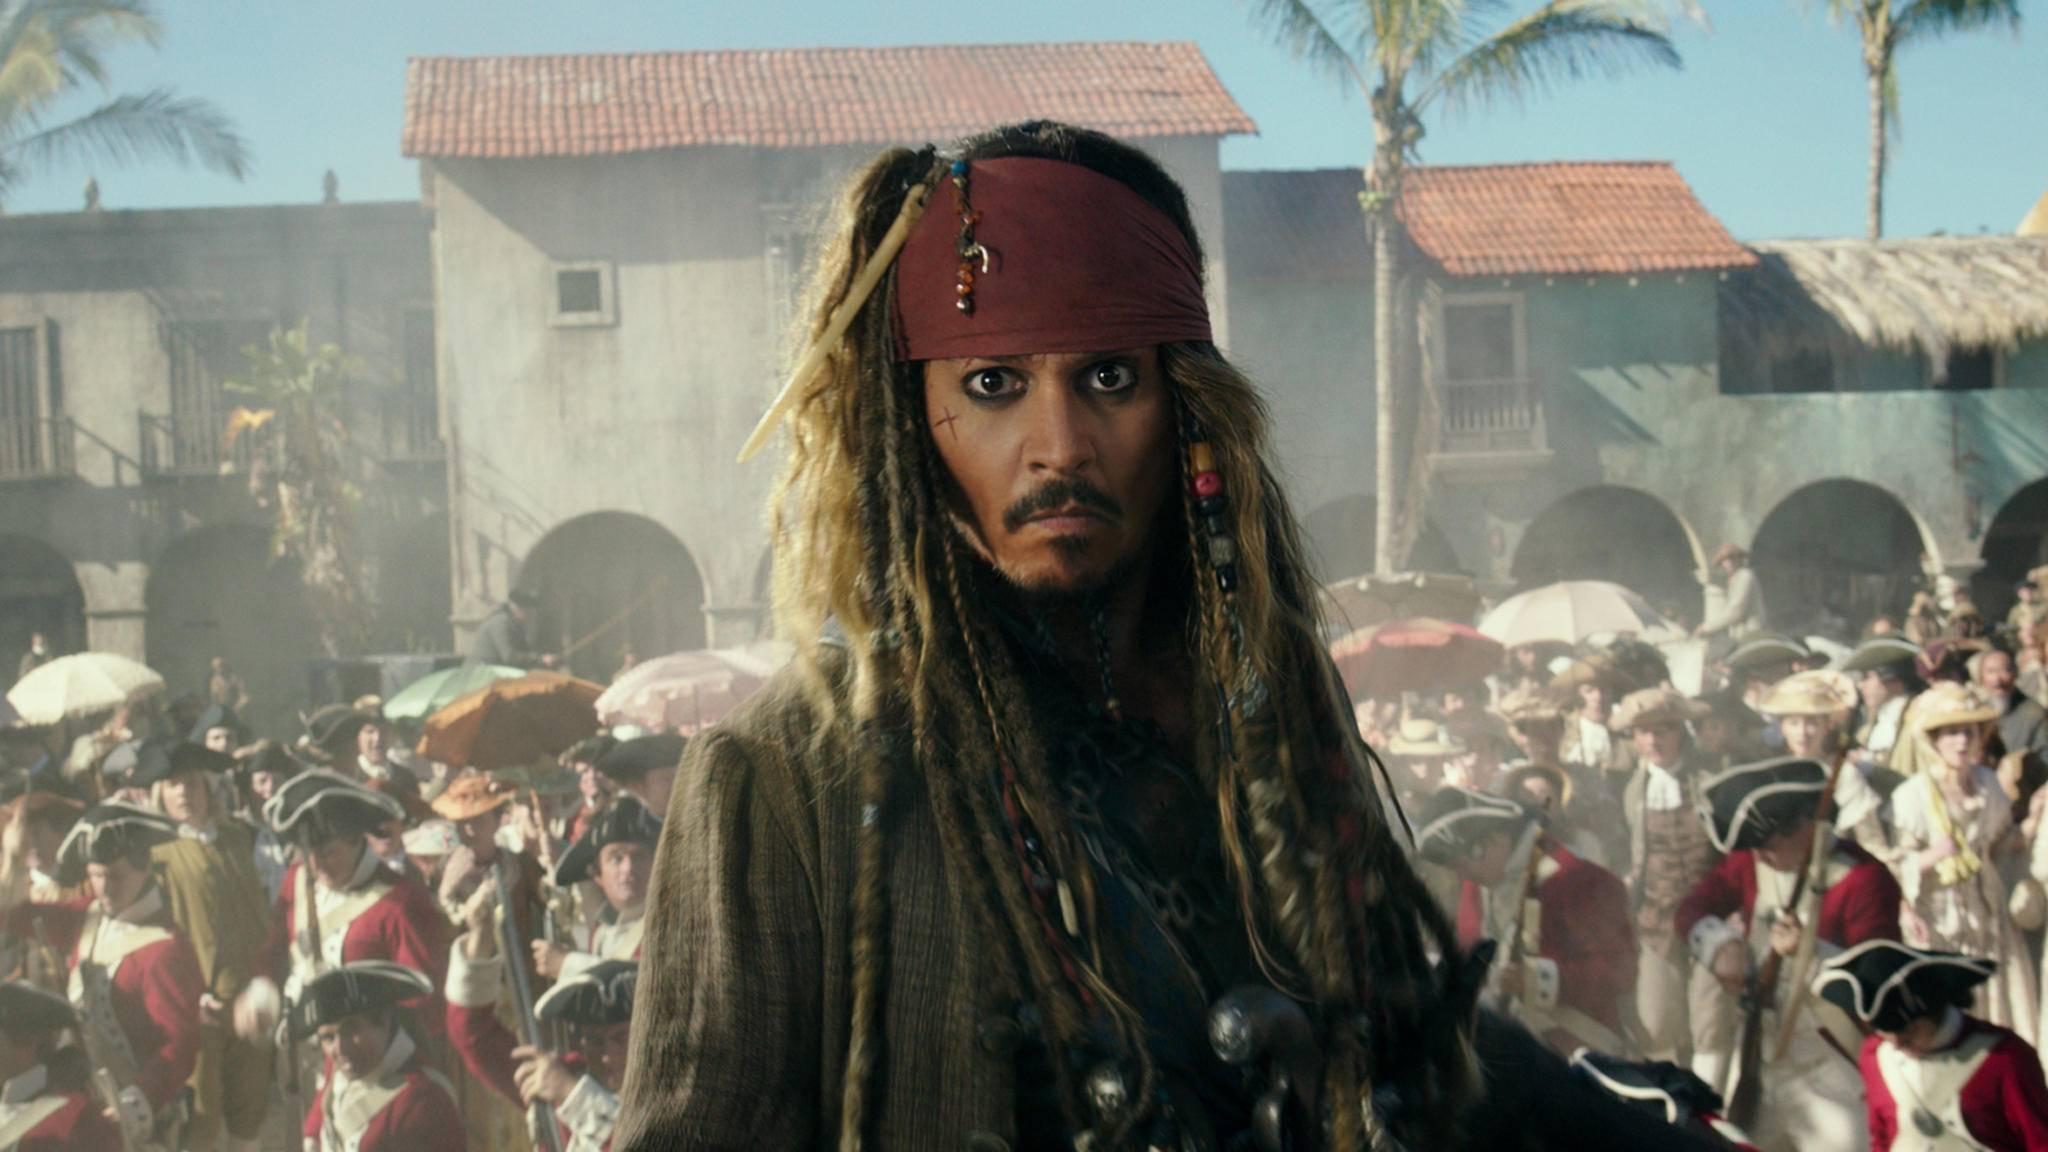 Die neuen Abenteuer aus der Welt von Captain Jack Sparrow könnten noch auf sich warten lassen.